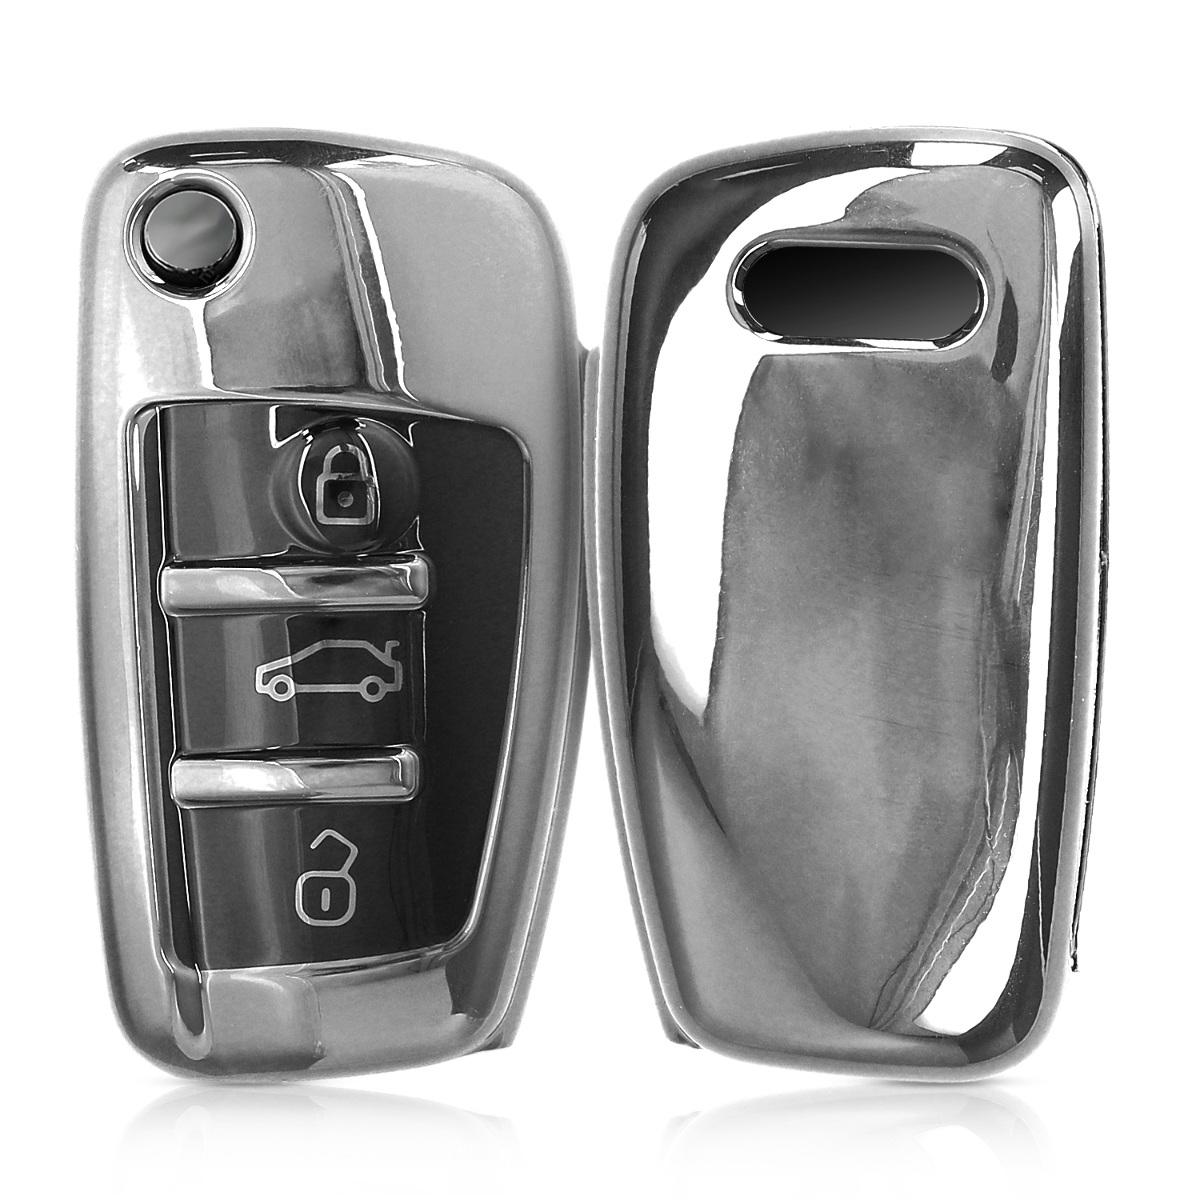 KW Θήκη Κλειδιού Audi - Σιλικόνη - 3 Κουμπιά - Silver High Gloss (48038.94)